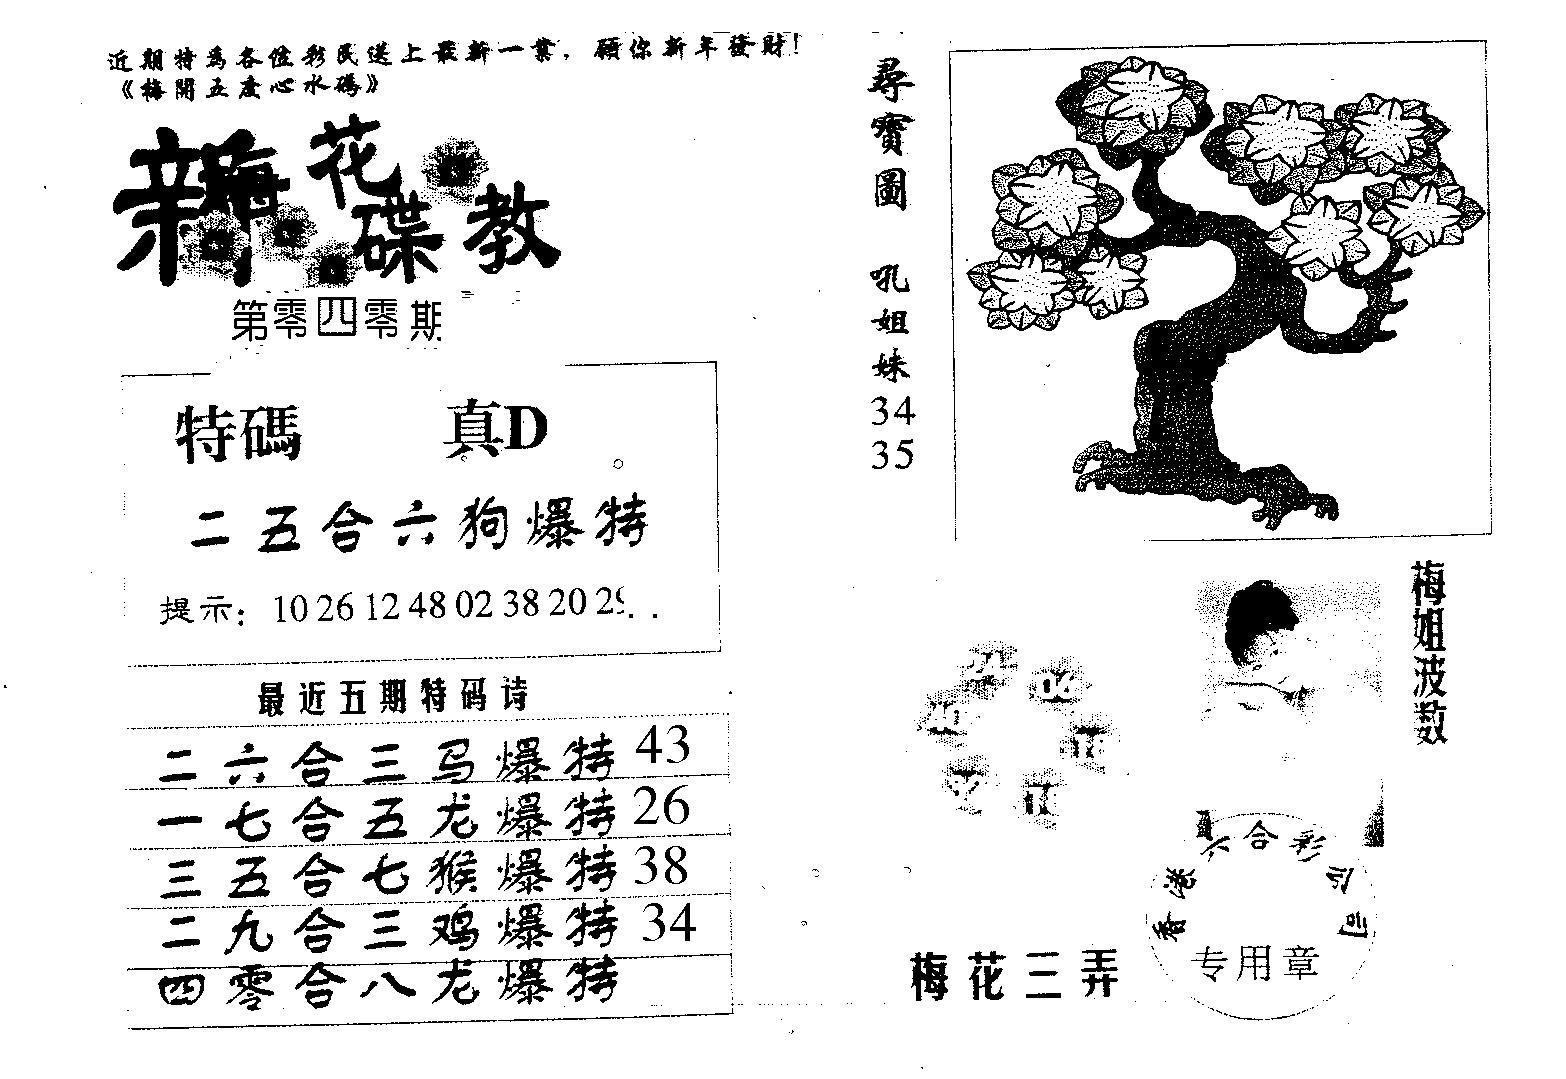 050期新花碟教(黑白)